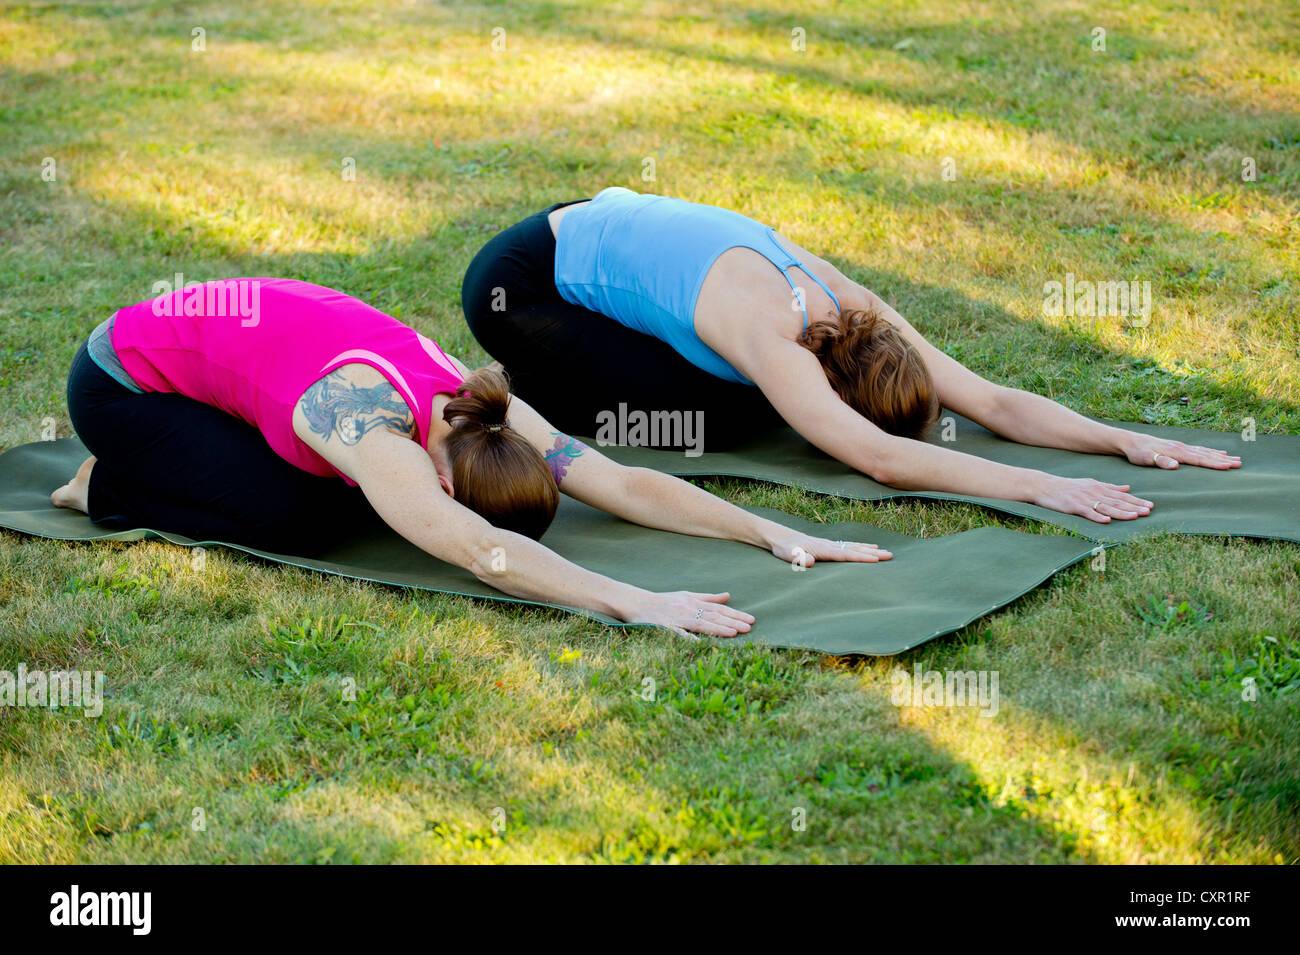 Zwei Frauen erstreckt sich auf Yoga-Matten im freien Stockbild